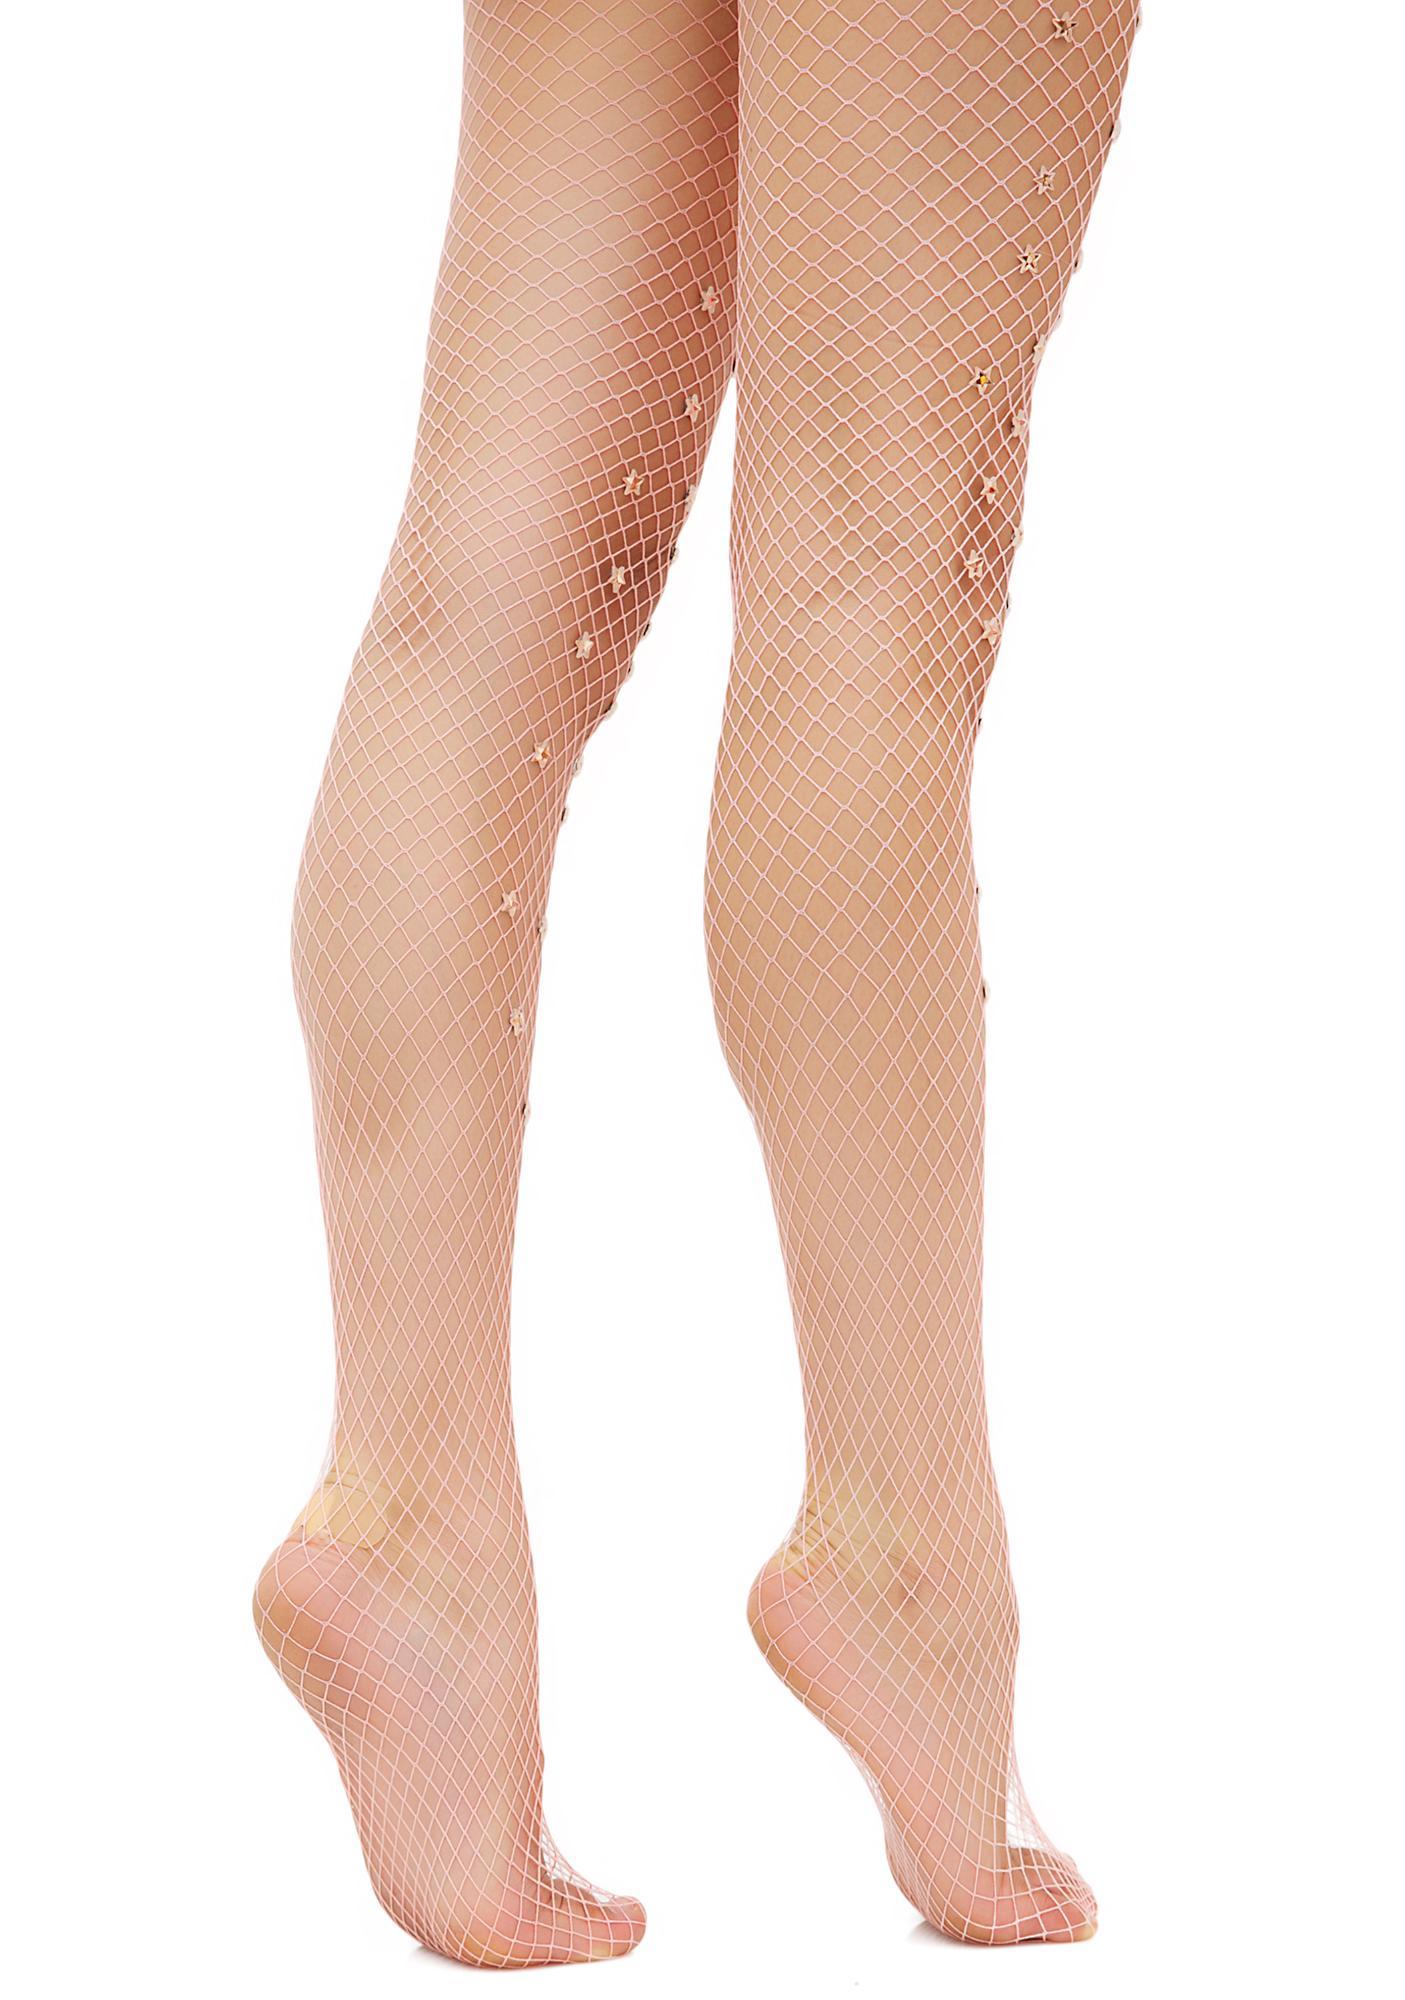 Lirika Matoshi Star Sign Handmade Fishnet Stockings